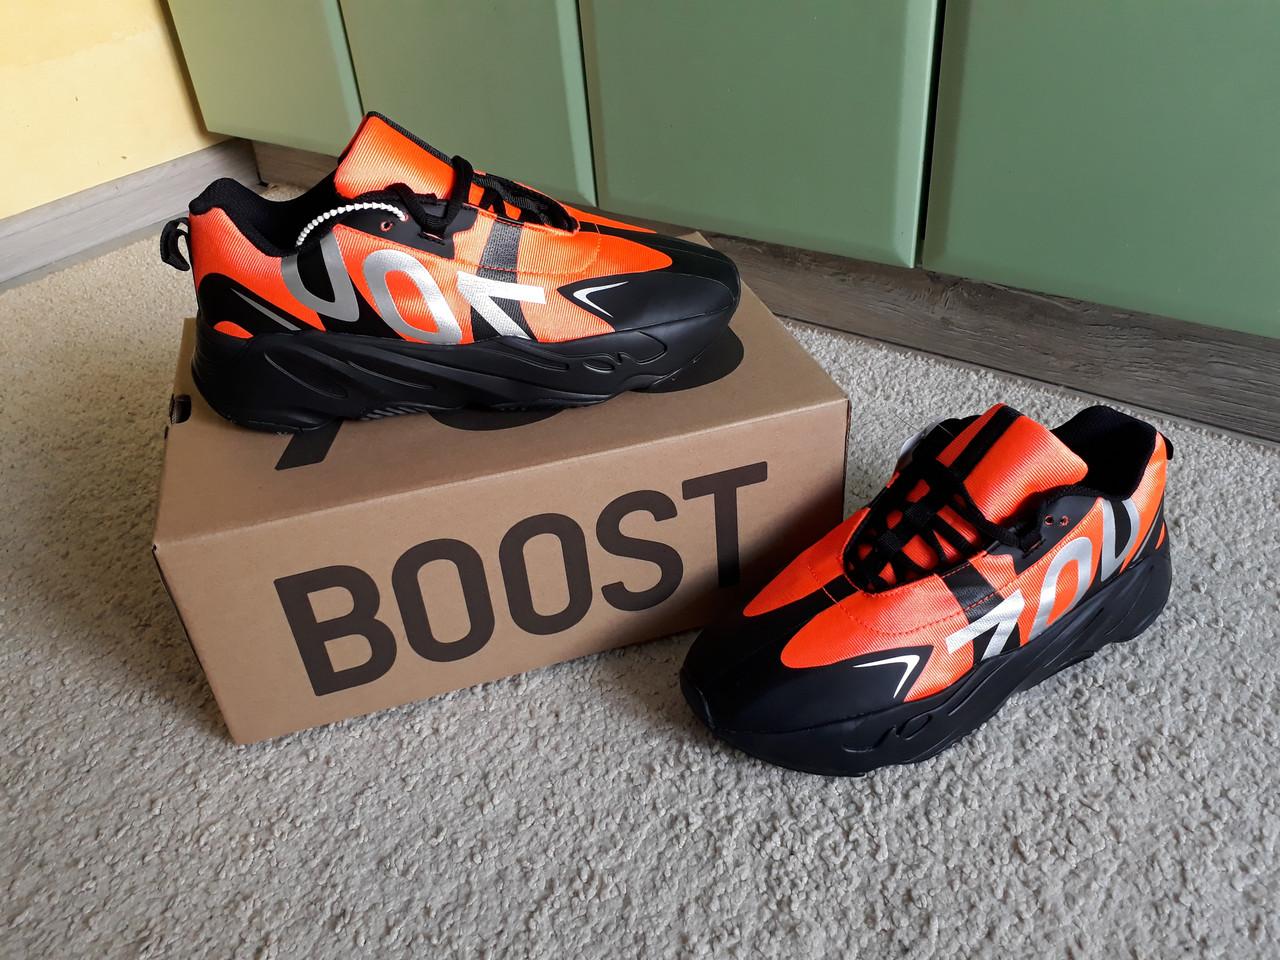 the latest 52c70 98e8d Мужские кроссовки Adidas Yeezy Boost 700 VX Black Orange черные с оранжевым